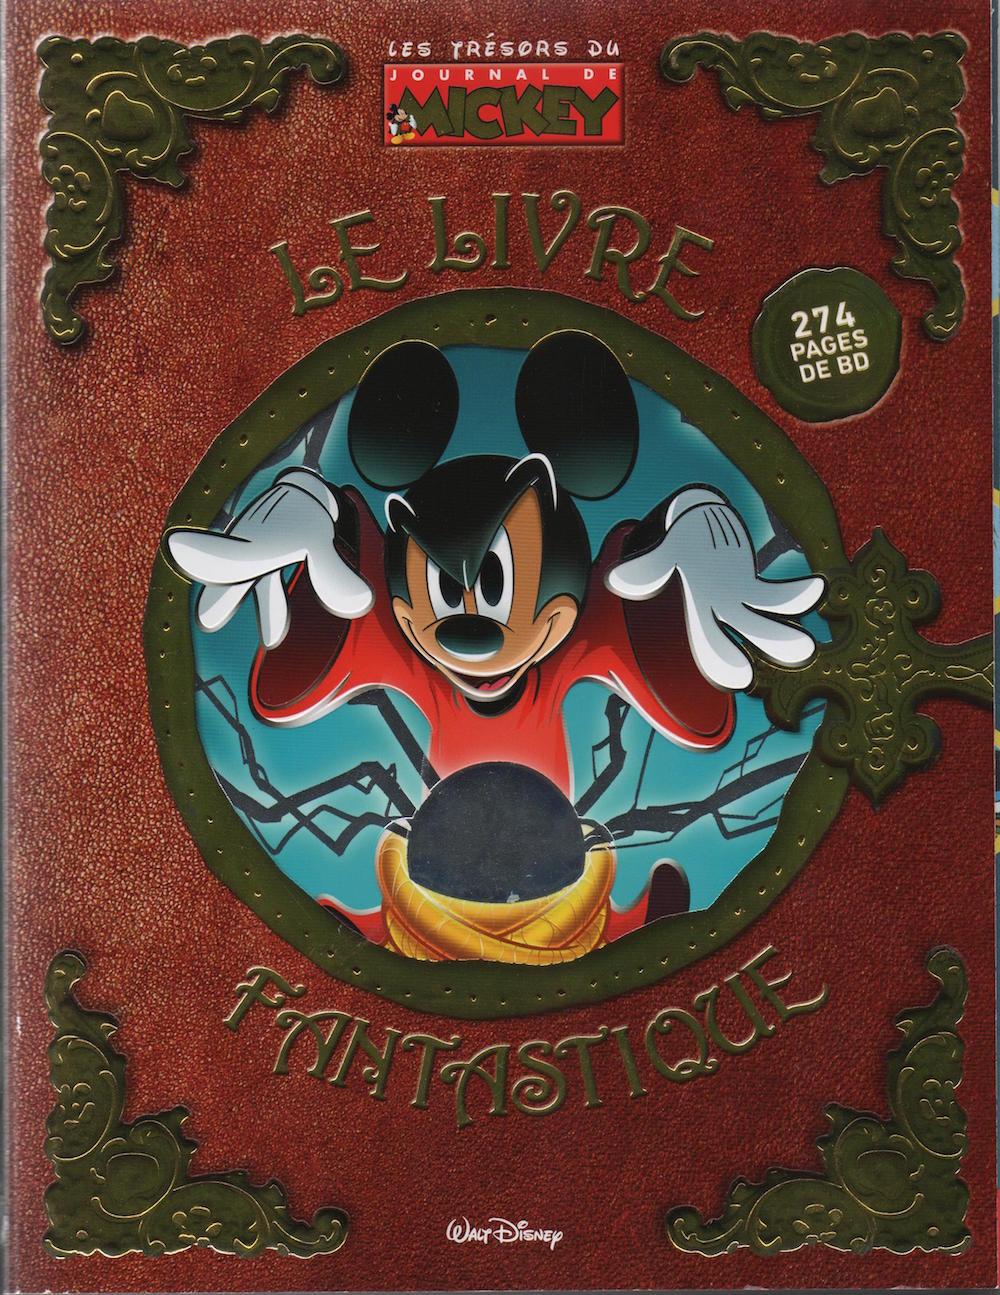 mickey-fantastique